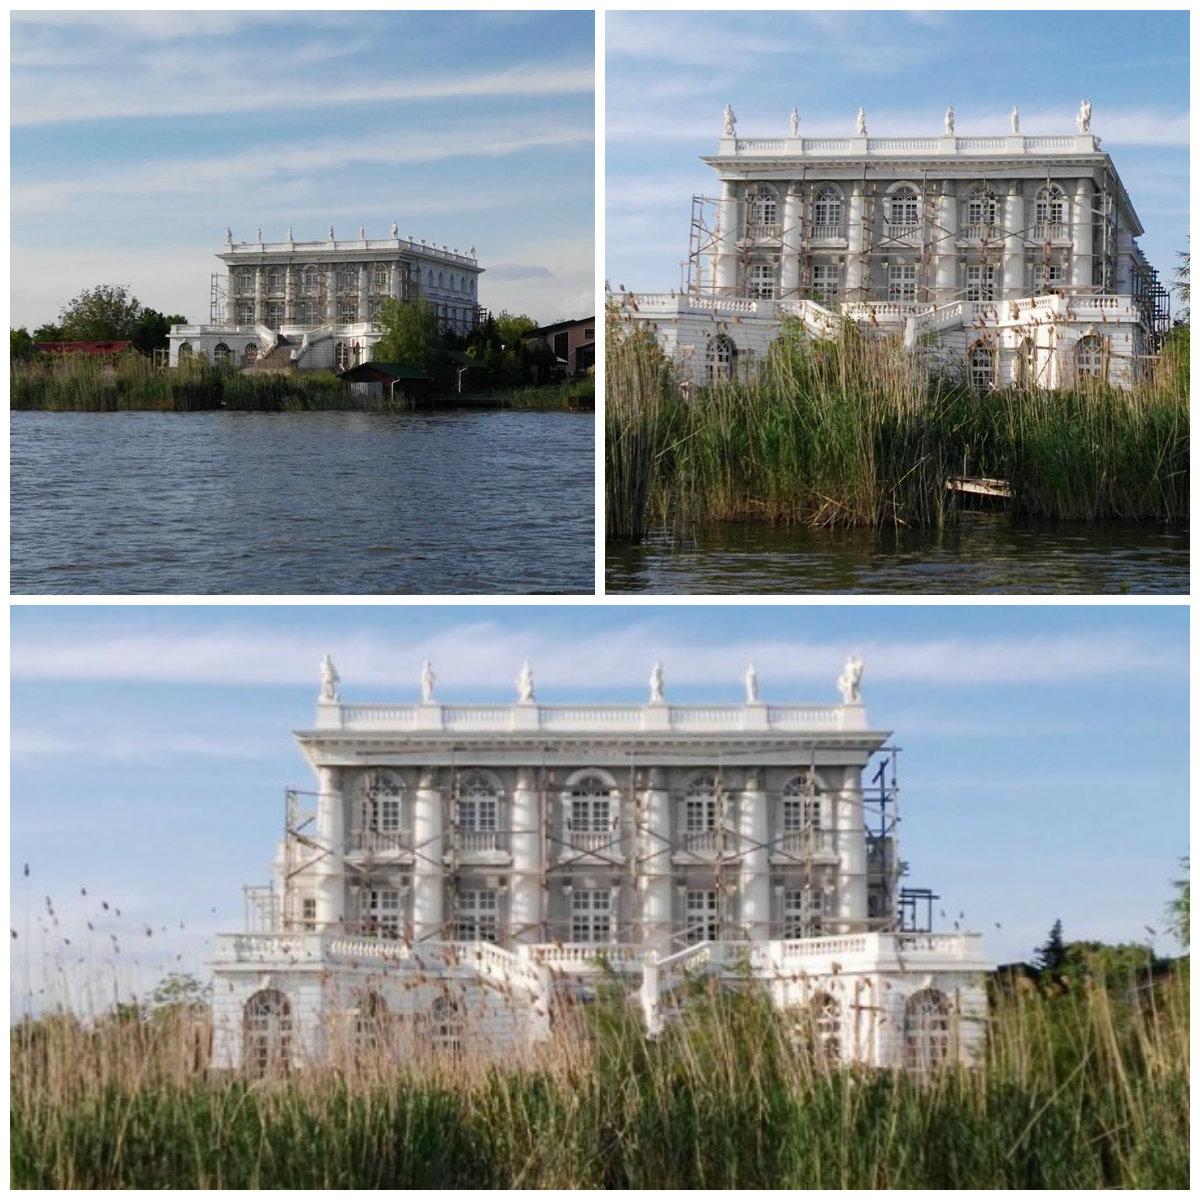 Acesta se presupune a fi palatul lui Dorin Cocoş.